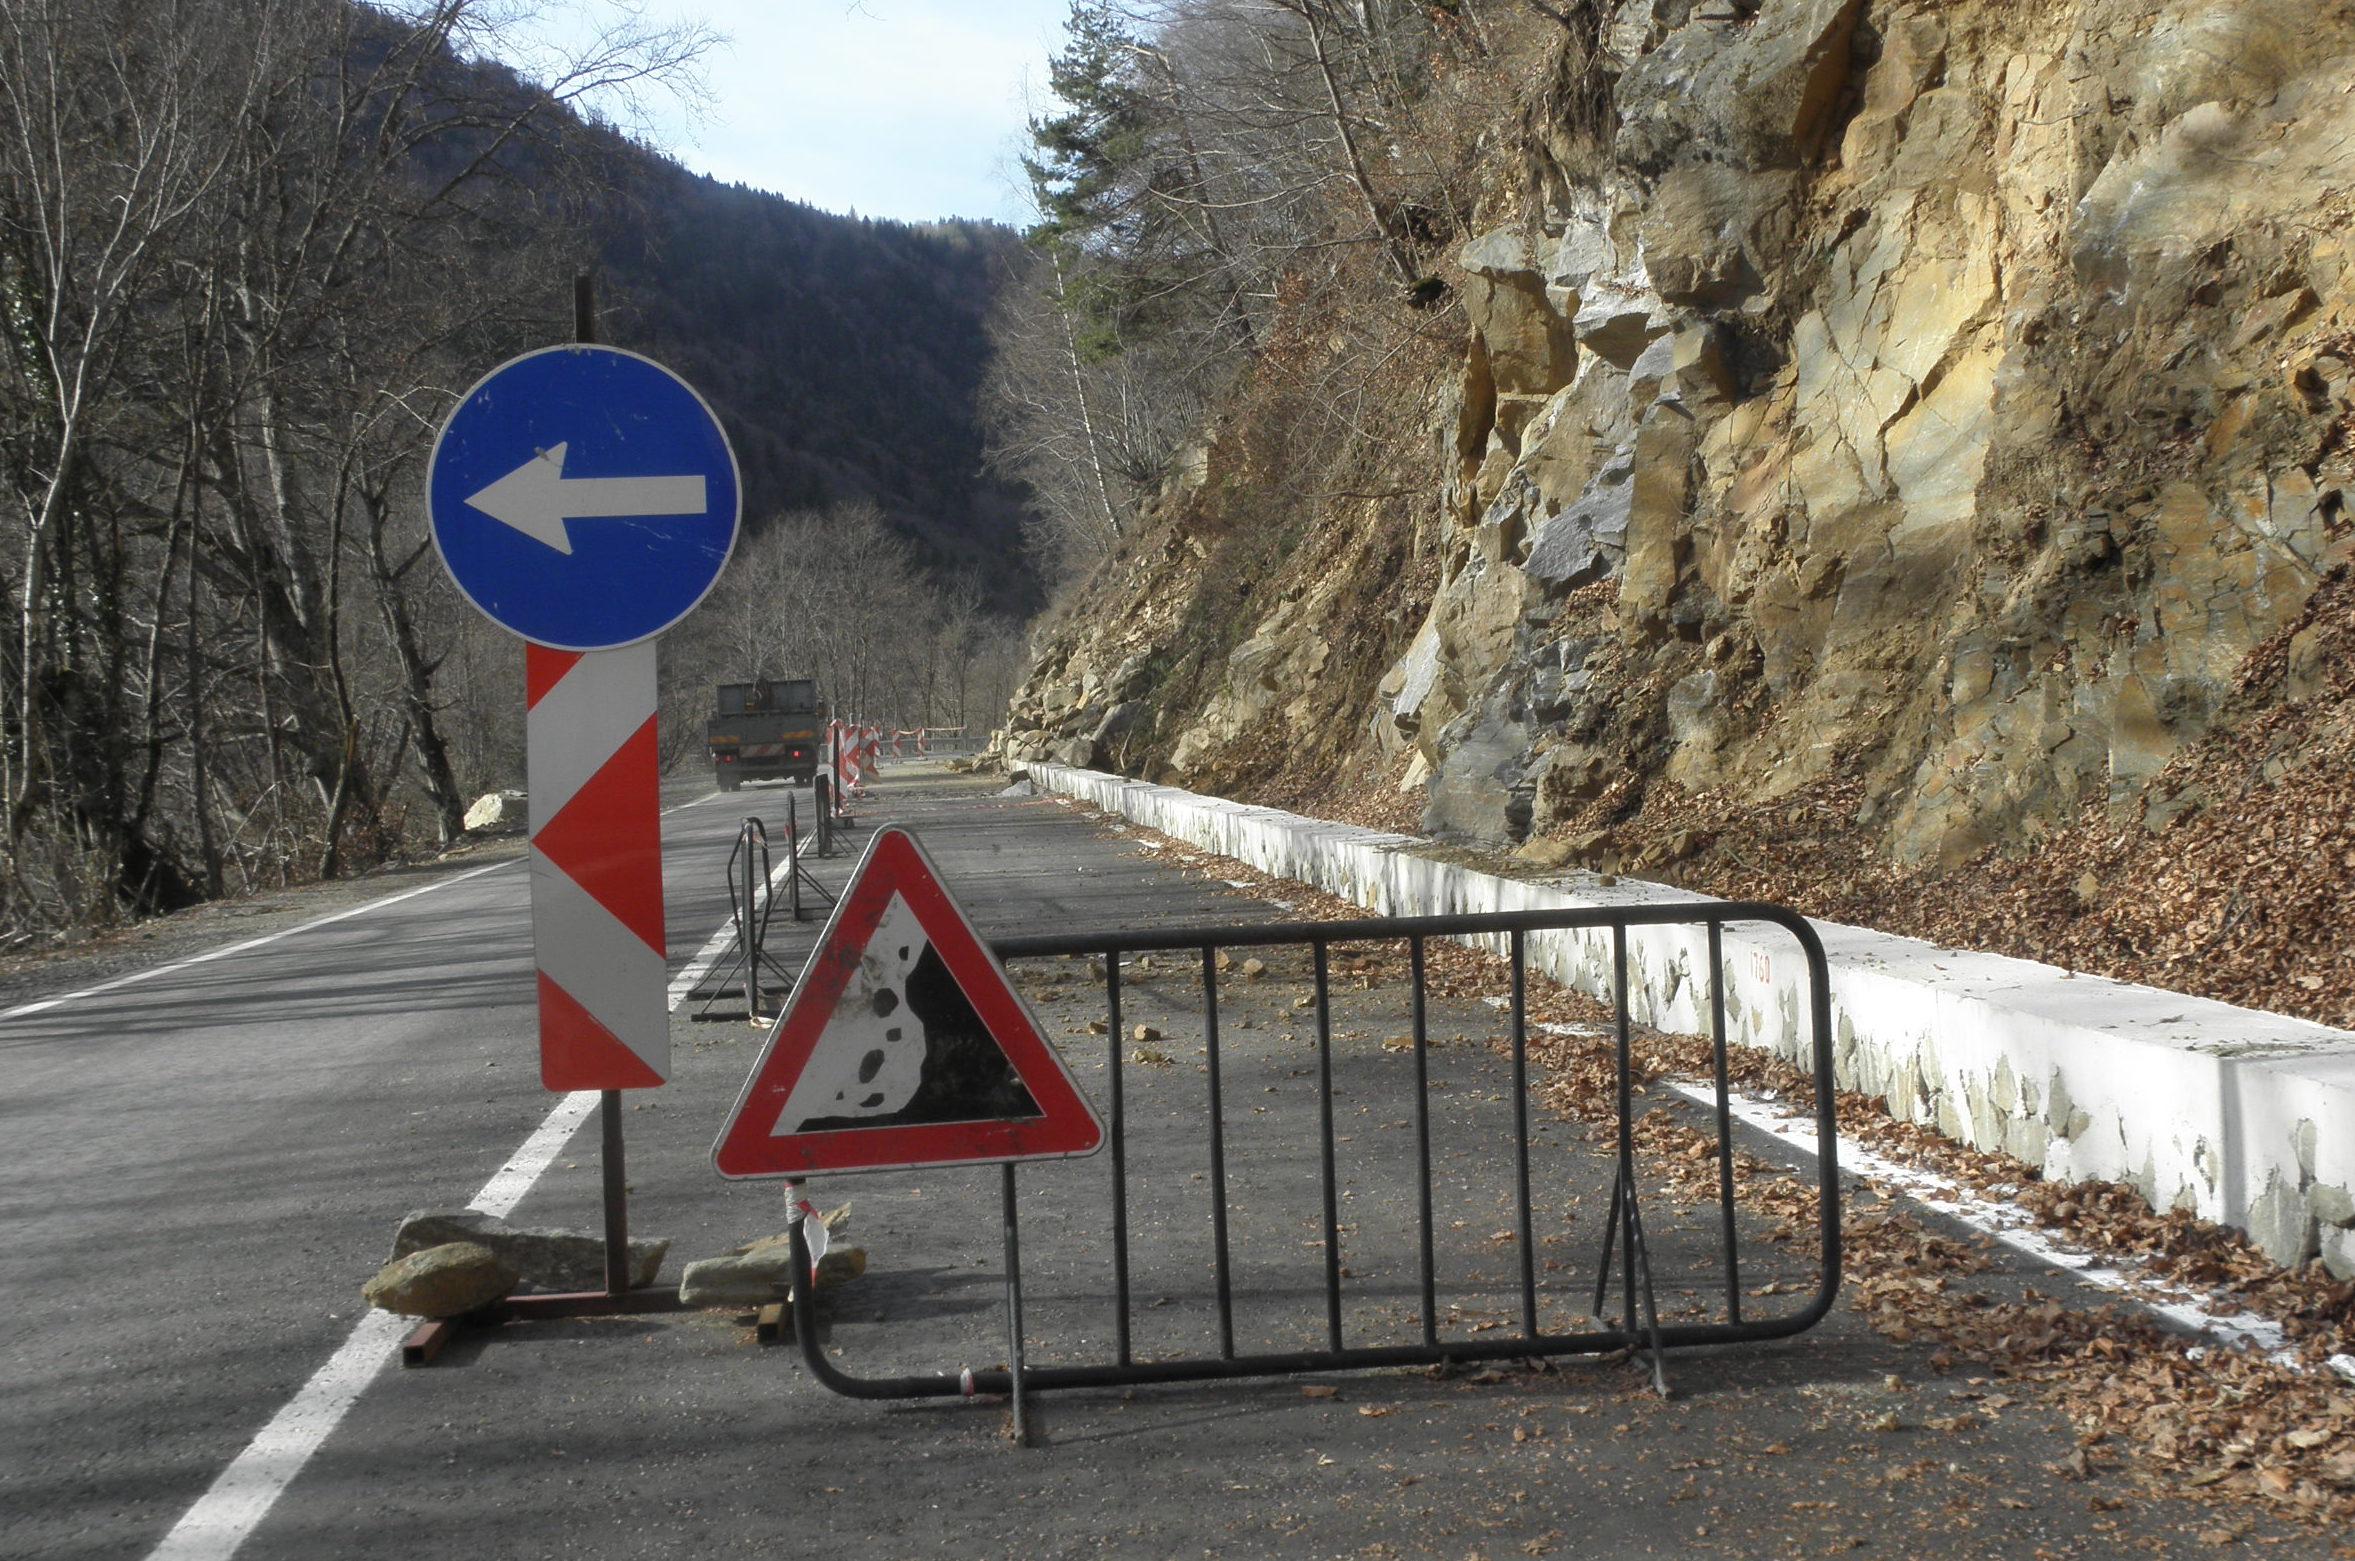 Срутване на скална маса! Промениха движението в района на Рилски манастир